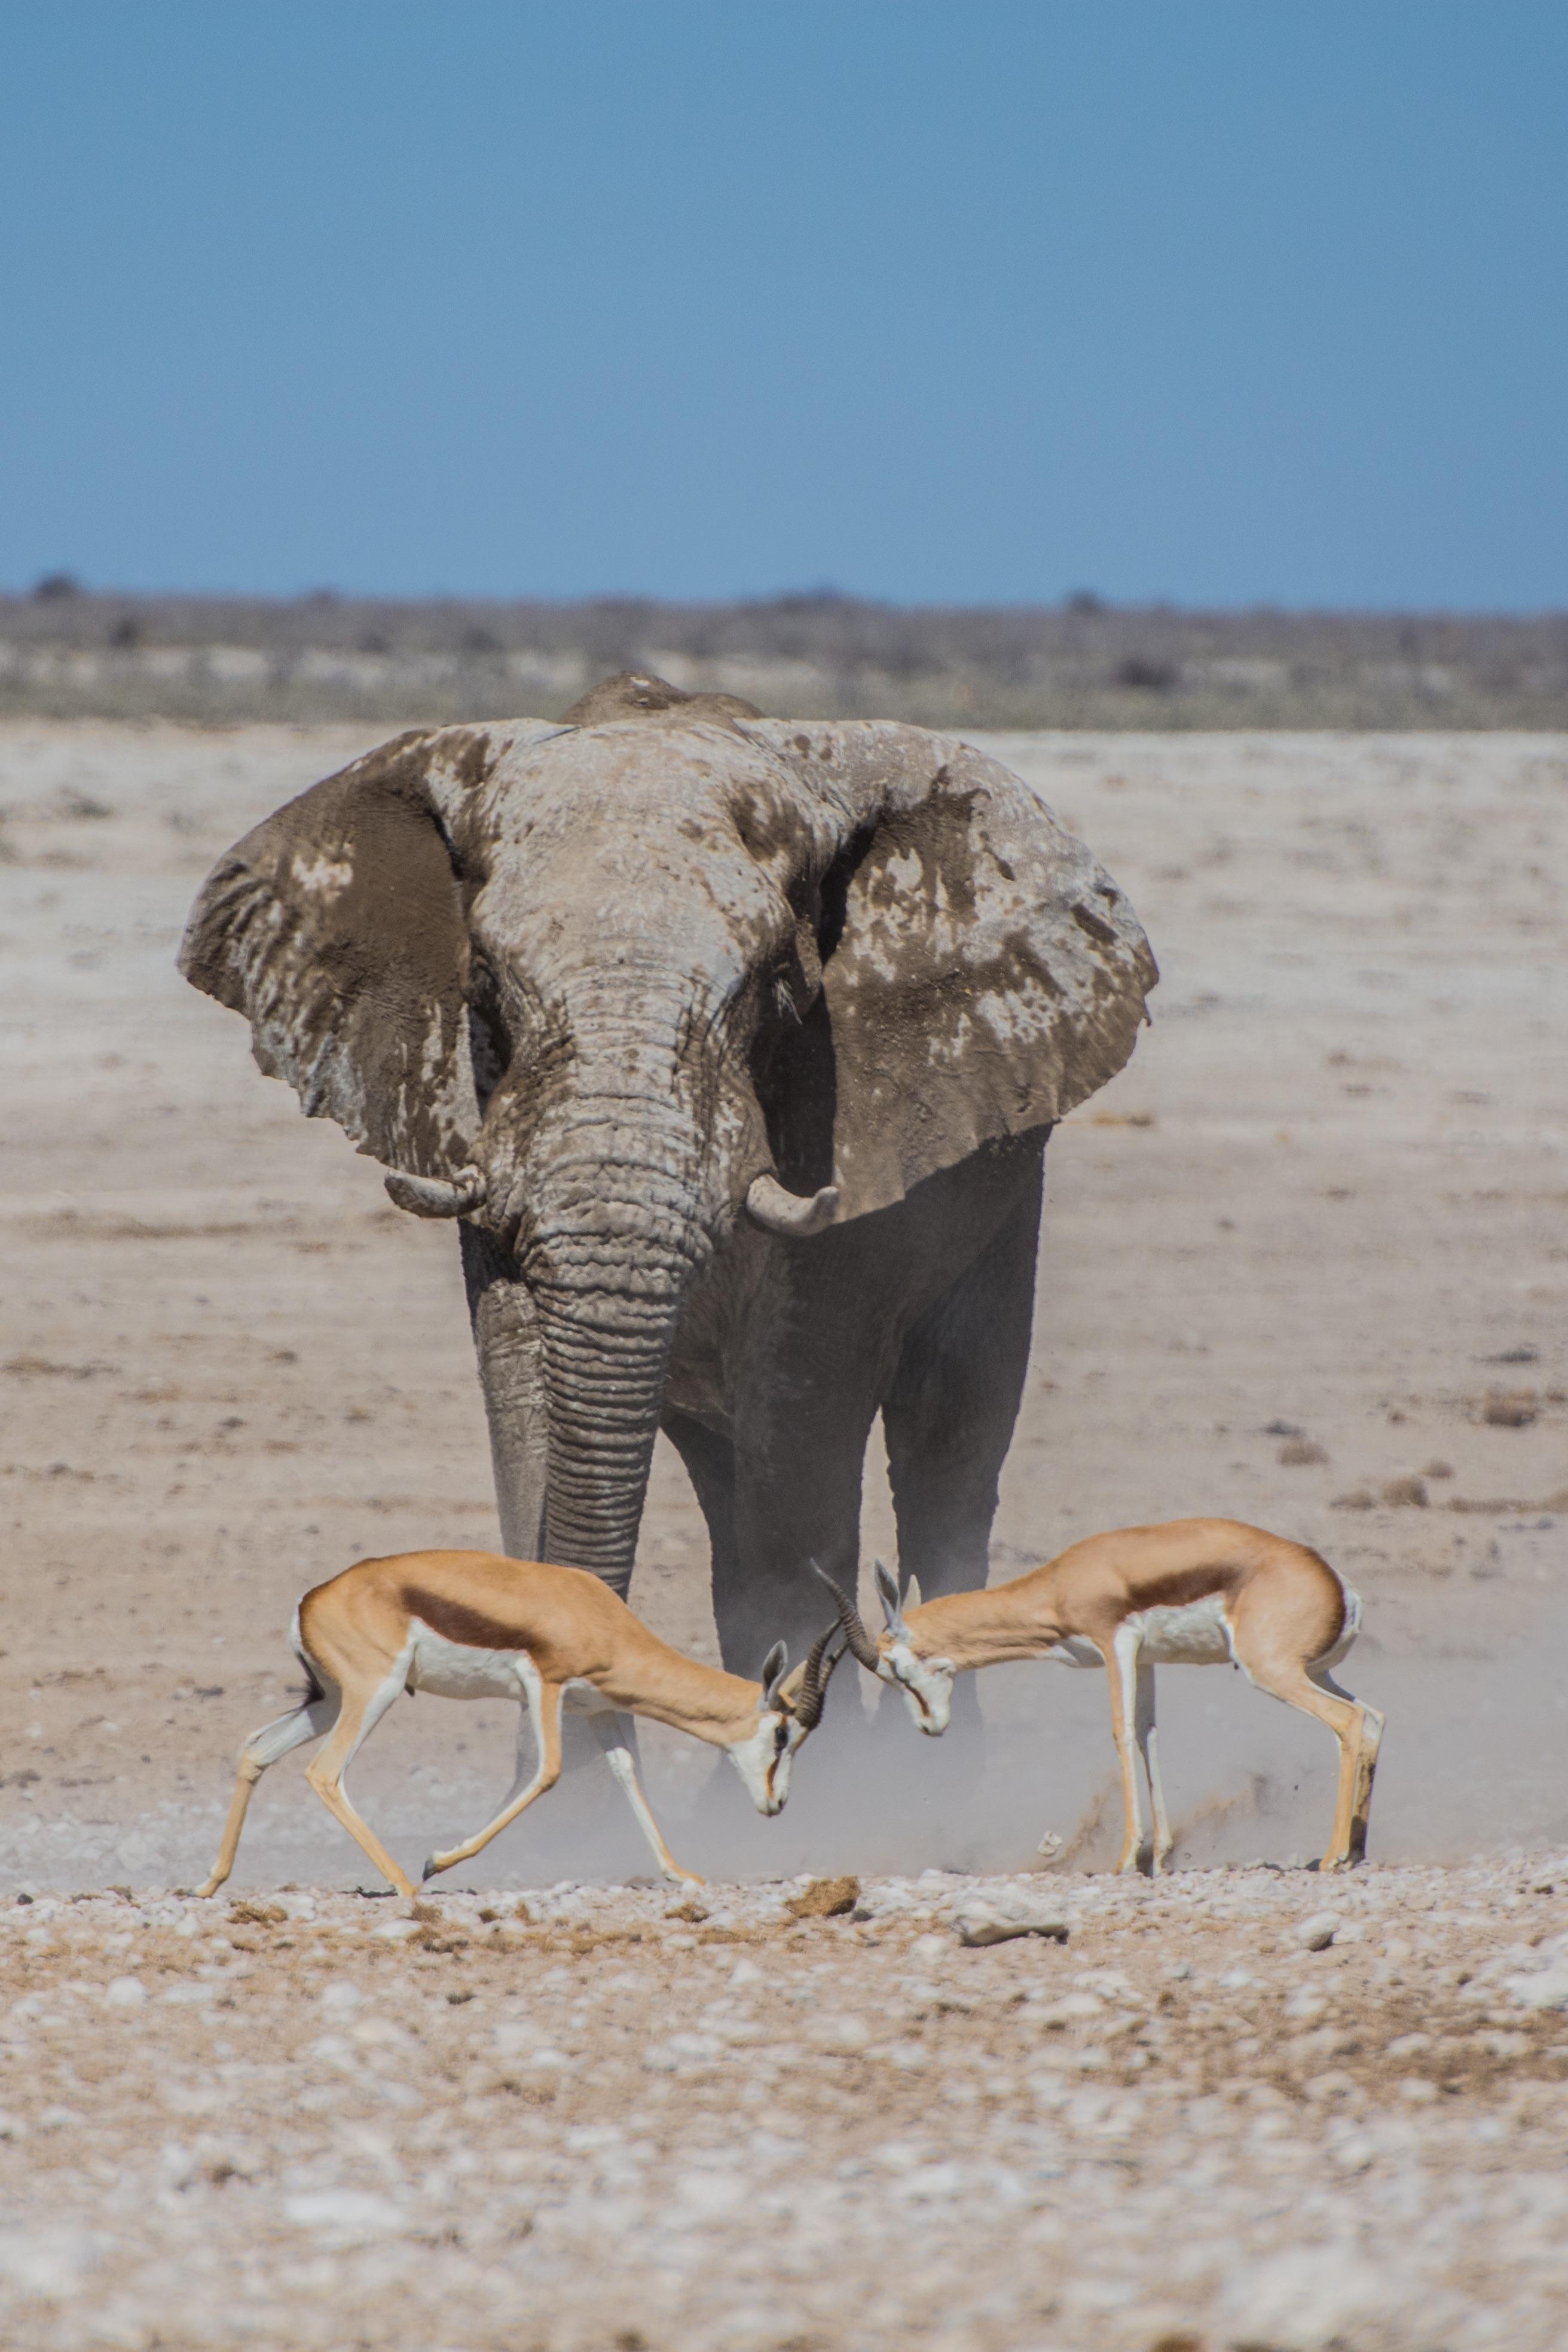 Images gratuites d sert animal faune poussi re mammif re savane l phant antilope - Photos d elephants gratuites ...